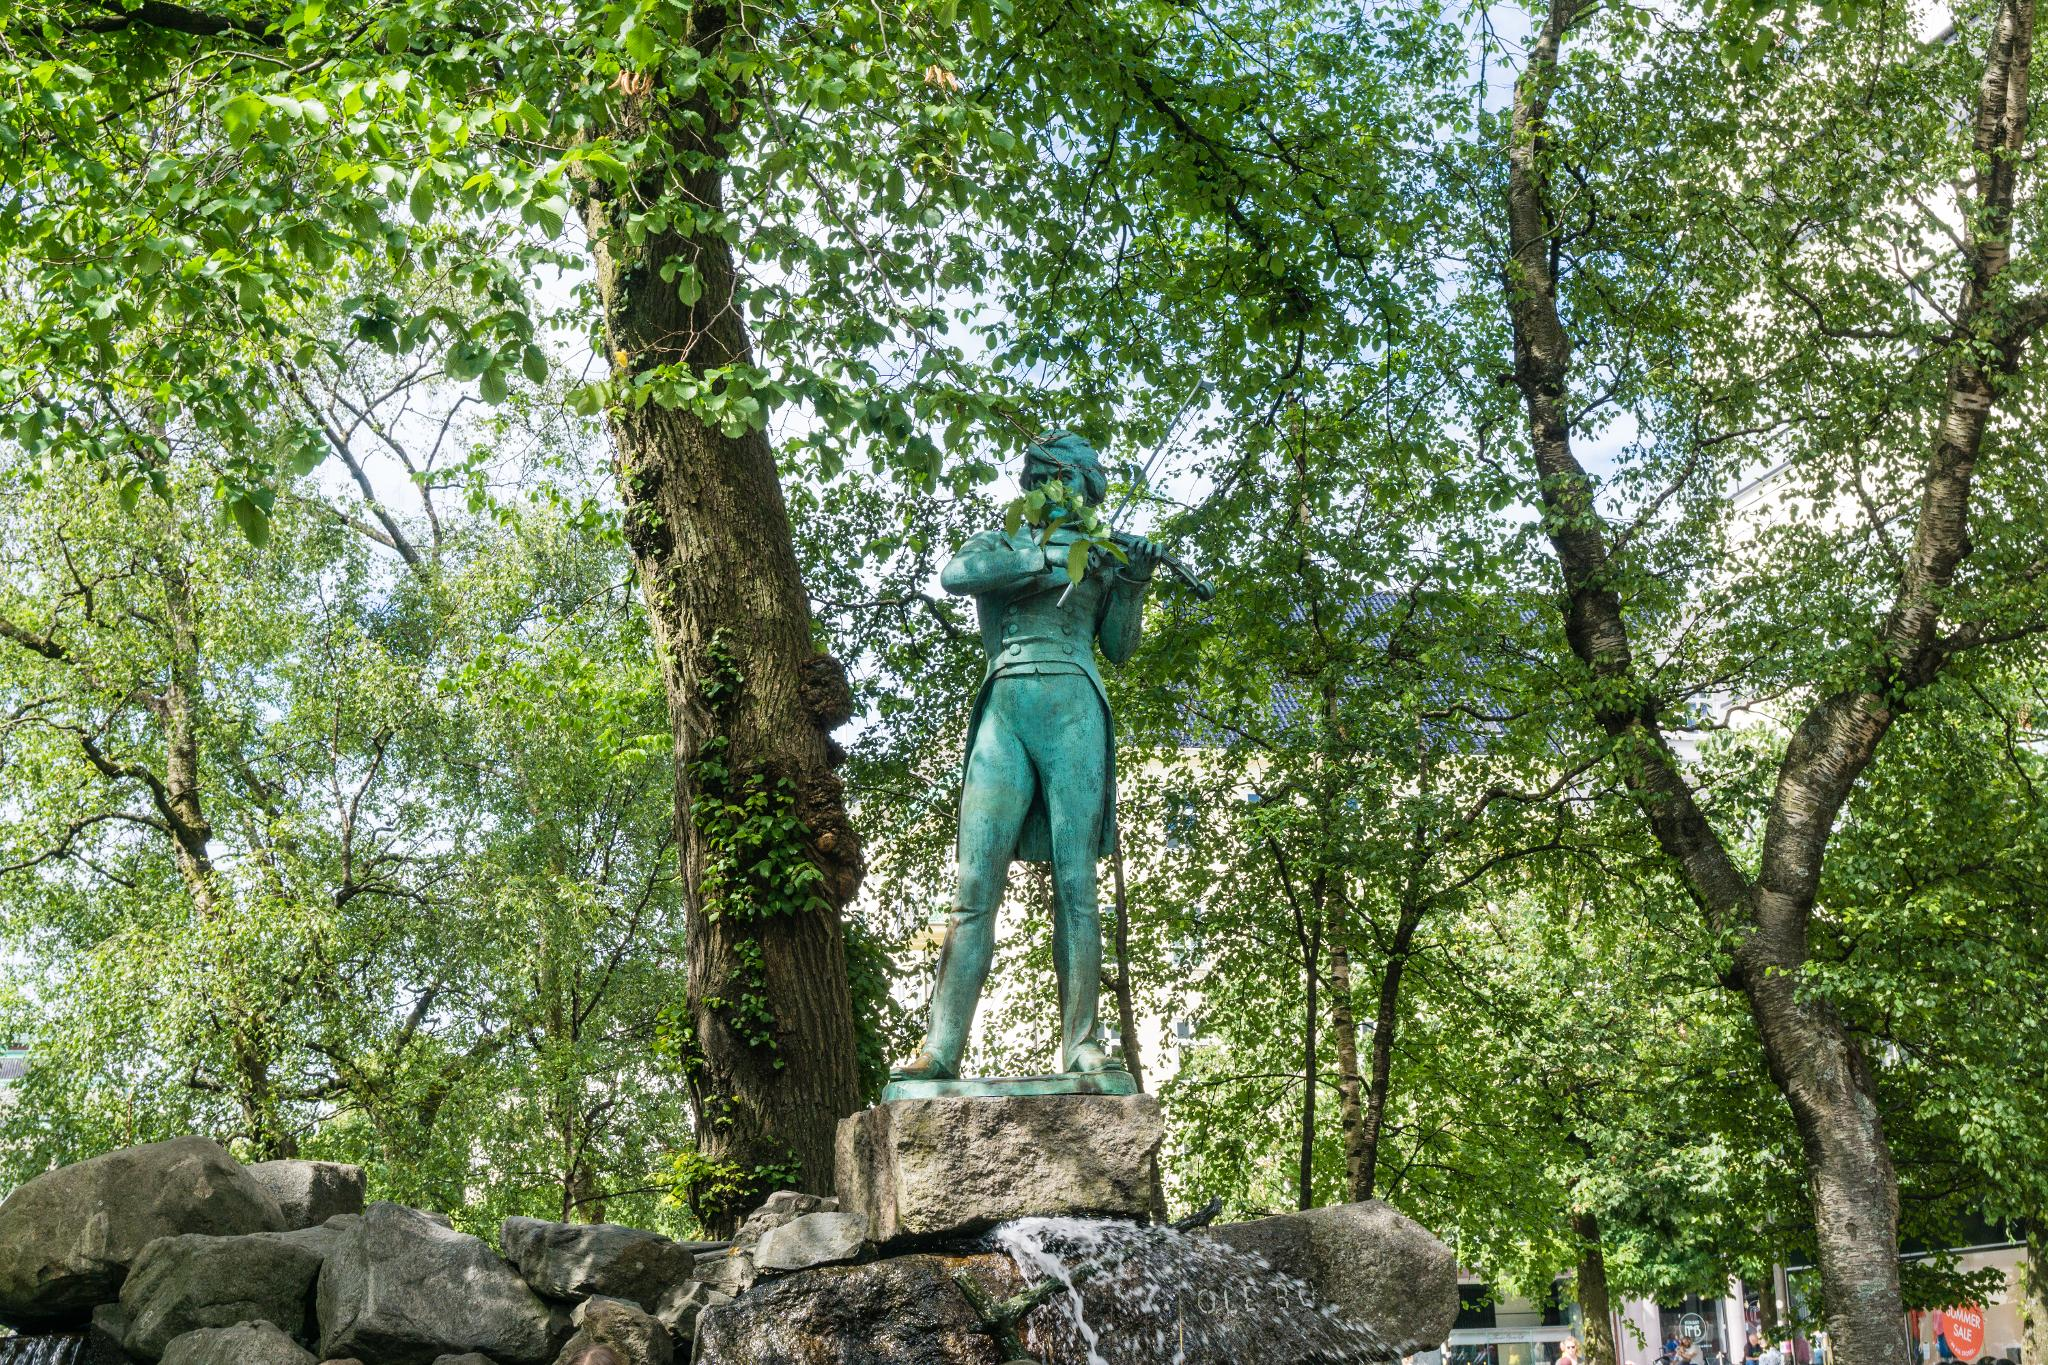 【卑爾根】童話北歐!卑爾根自由行景點全攻略 166